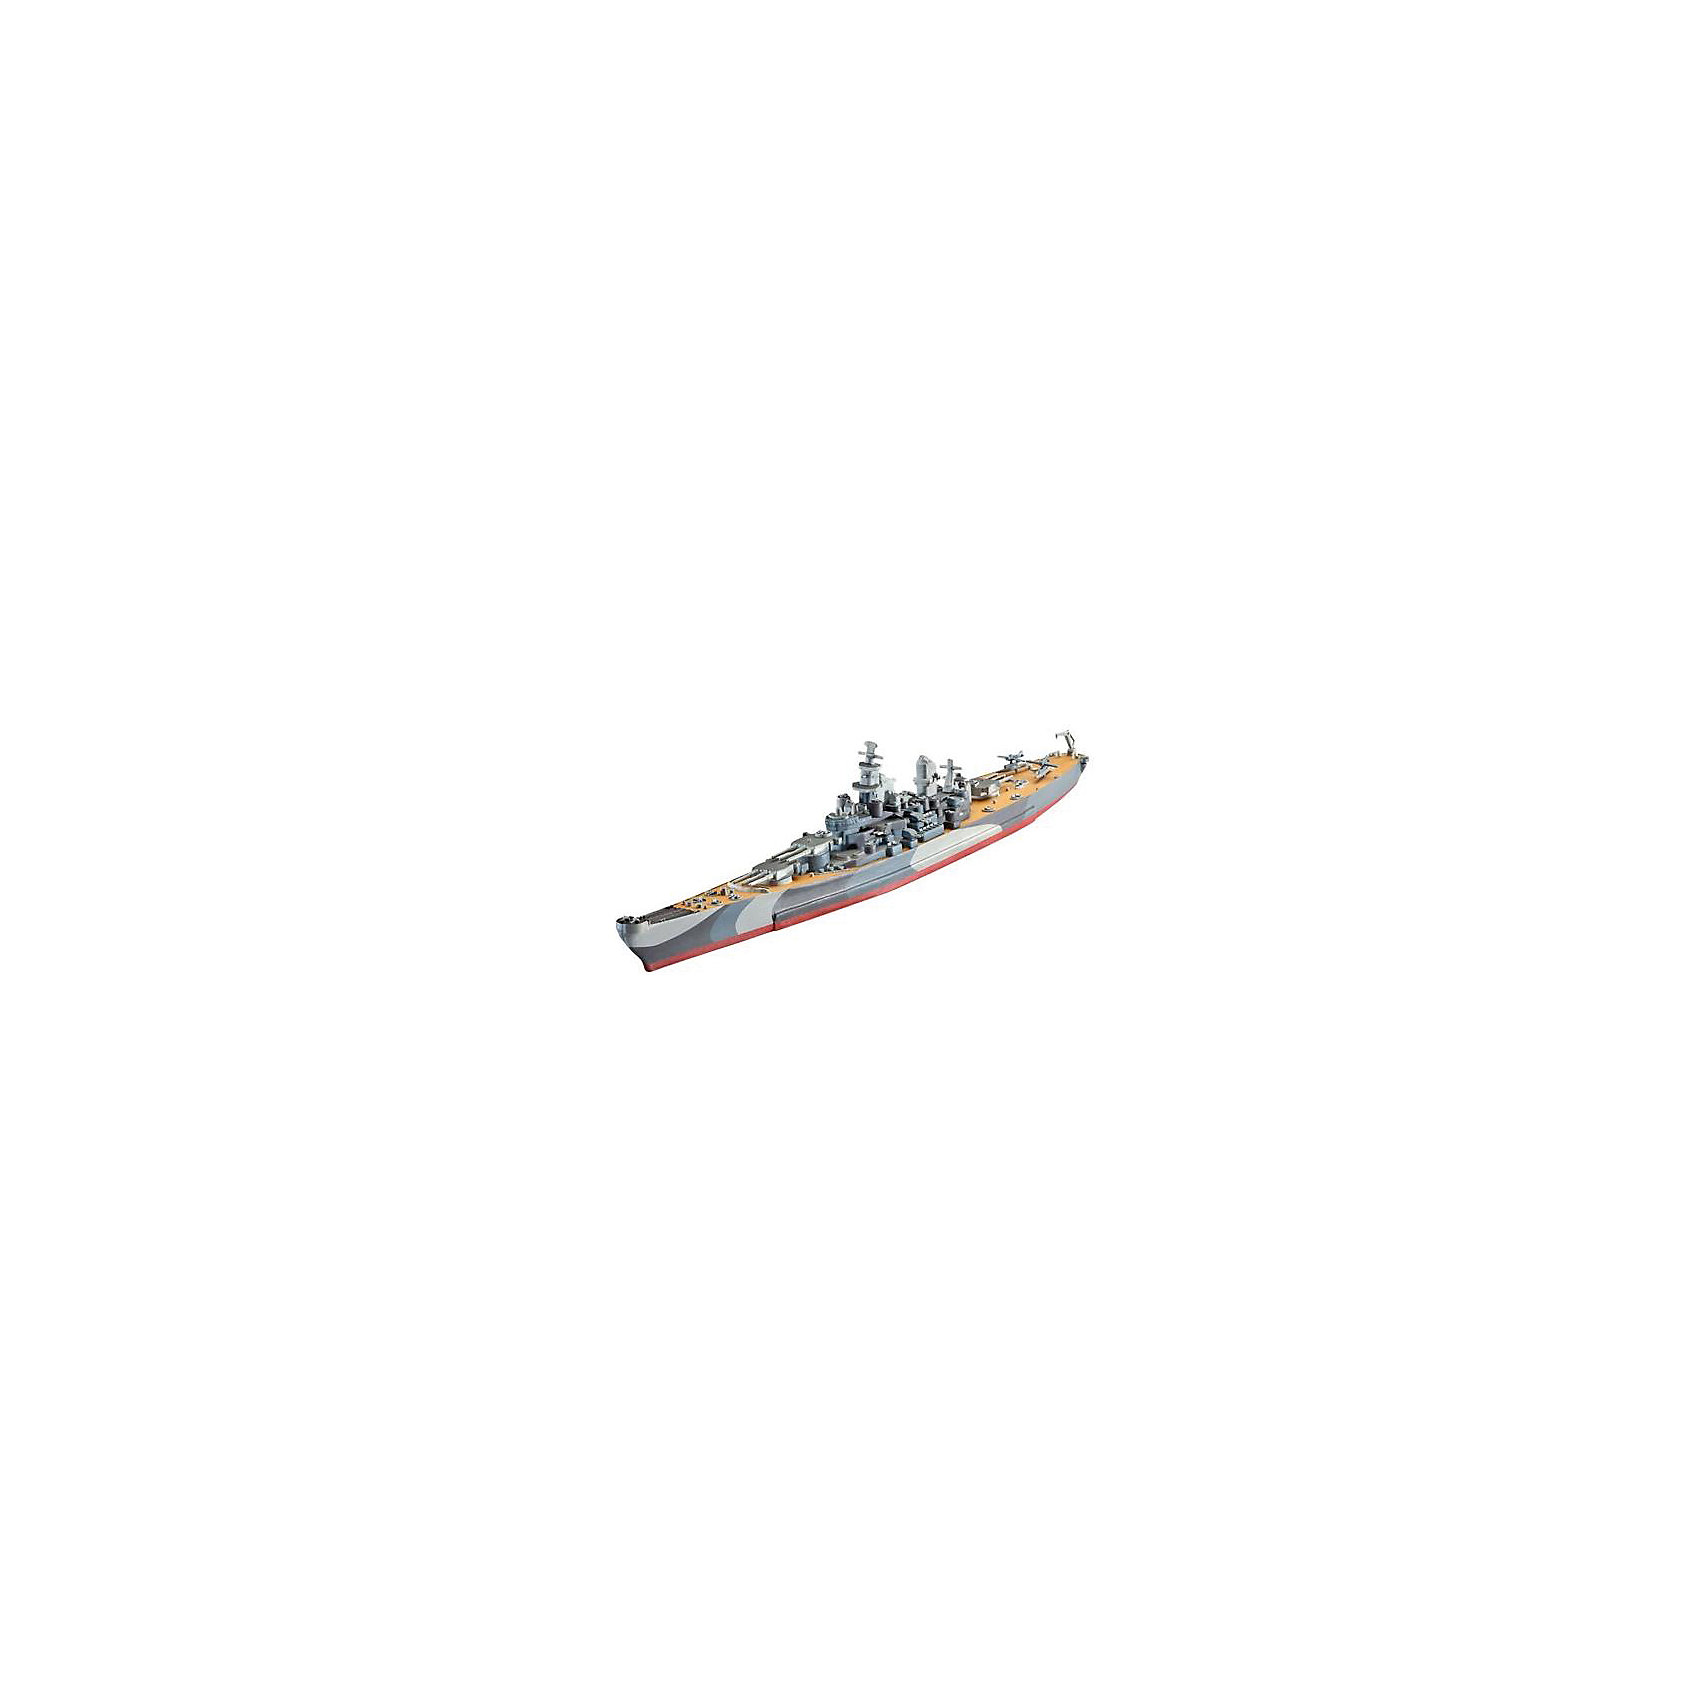 Корабль военный U.S.S. Missouri 2-я МВМодели для склеивания<br>Сборная модель американского линкора  U.S.S. Missouri  в масштабе 1:1200. Модель выполнена из пластика и для ее сборки вам понадобится клей.  <br>U.S.S. Missouri  - являлся крупнейшим и самым мощным кораблем ВМС США во время Второй мировой войны.  Корабль вошел в строй в июне 1944 и стал последним из кораблей класса Айова, принятым на вооружение.  Линкор принимал участие в боях за остров Иводзима. Также на нем была подписана капитуляция Японии 2 сентября в 1945 году. <br>Масштаб: 1:1200 <br>Длина модели: 225 мм <br>Количество деталей:  27 <br>Рекомендуется для детей от 10 лет. <br>Внимание! Клей и краски в комплект не входят. Они приобретаются отдельно.<br><br>Ширина мм: 9999<br>Глубина мм: 9999<br>Высота мм: 9999<br>Вес г: 9999<br>Возраст от месяцев: 120<br>Возраст до месяцев: 2147483647<br>Пол: Мужской<br>Возраст: Детский<br>SKU: 7122339